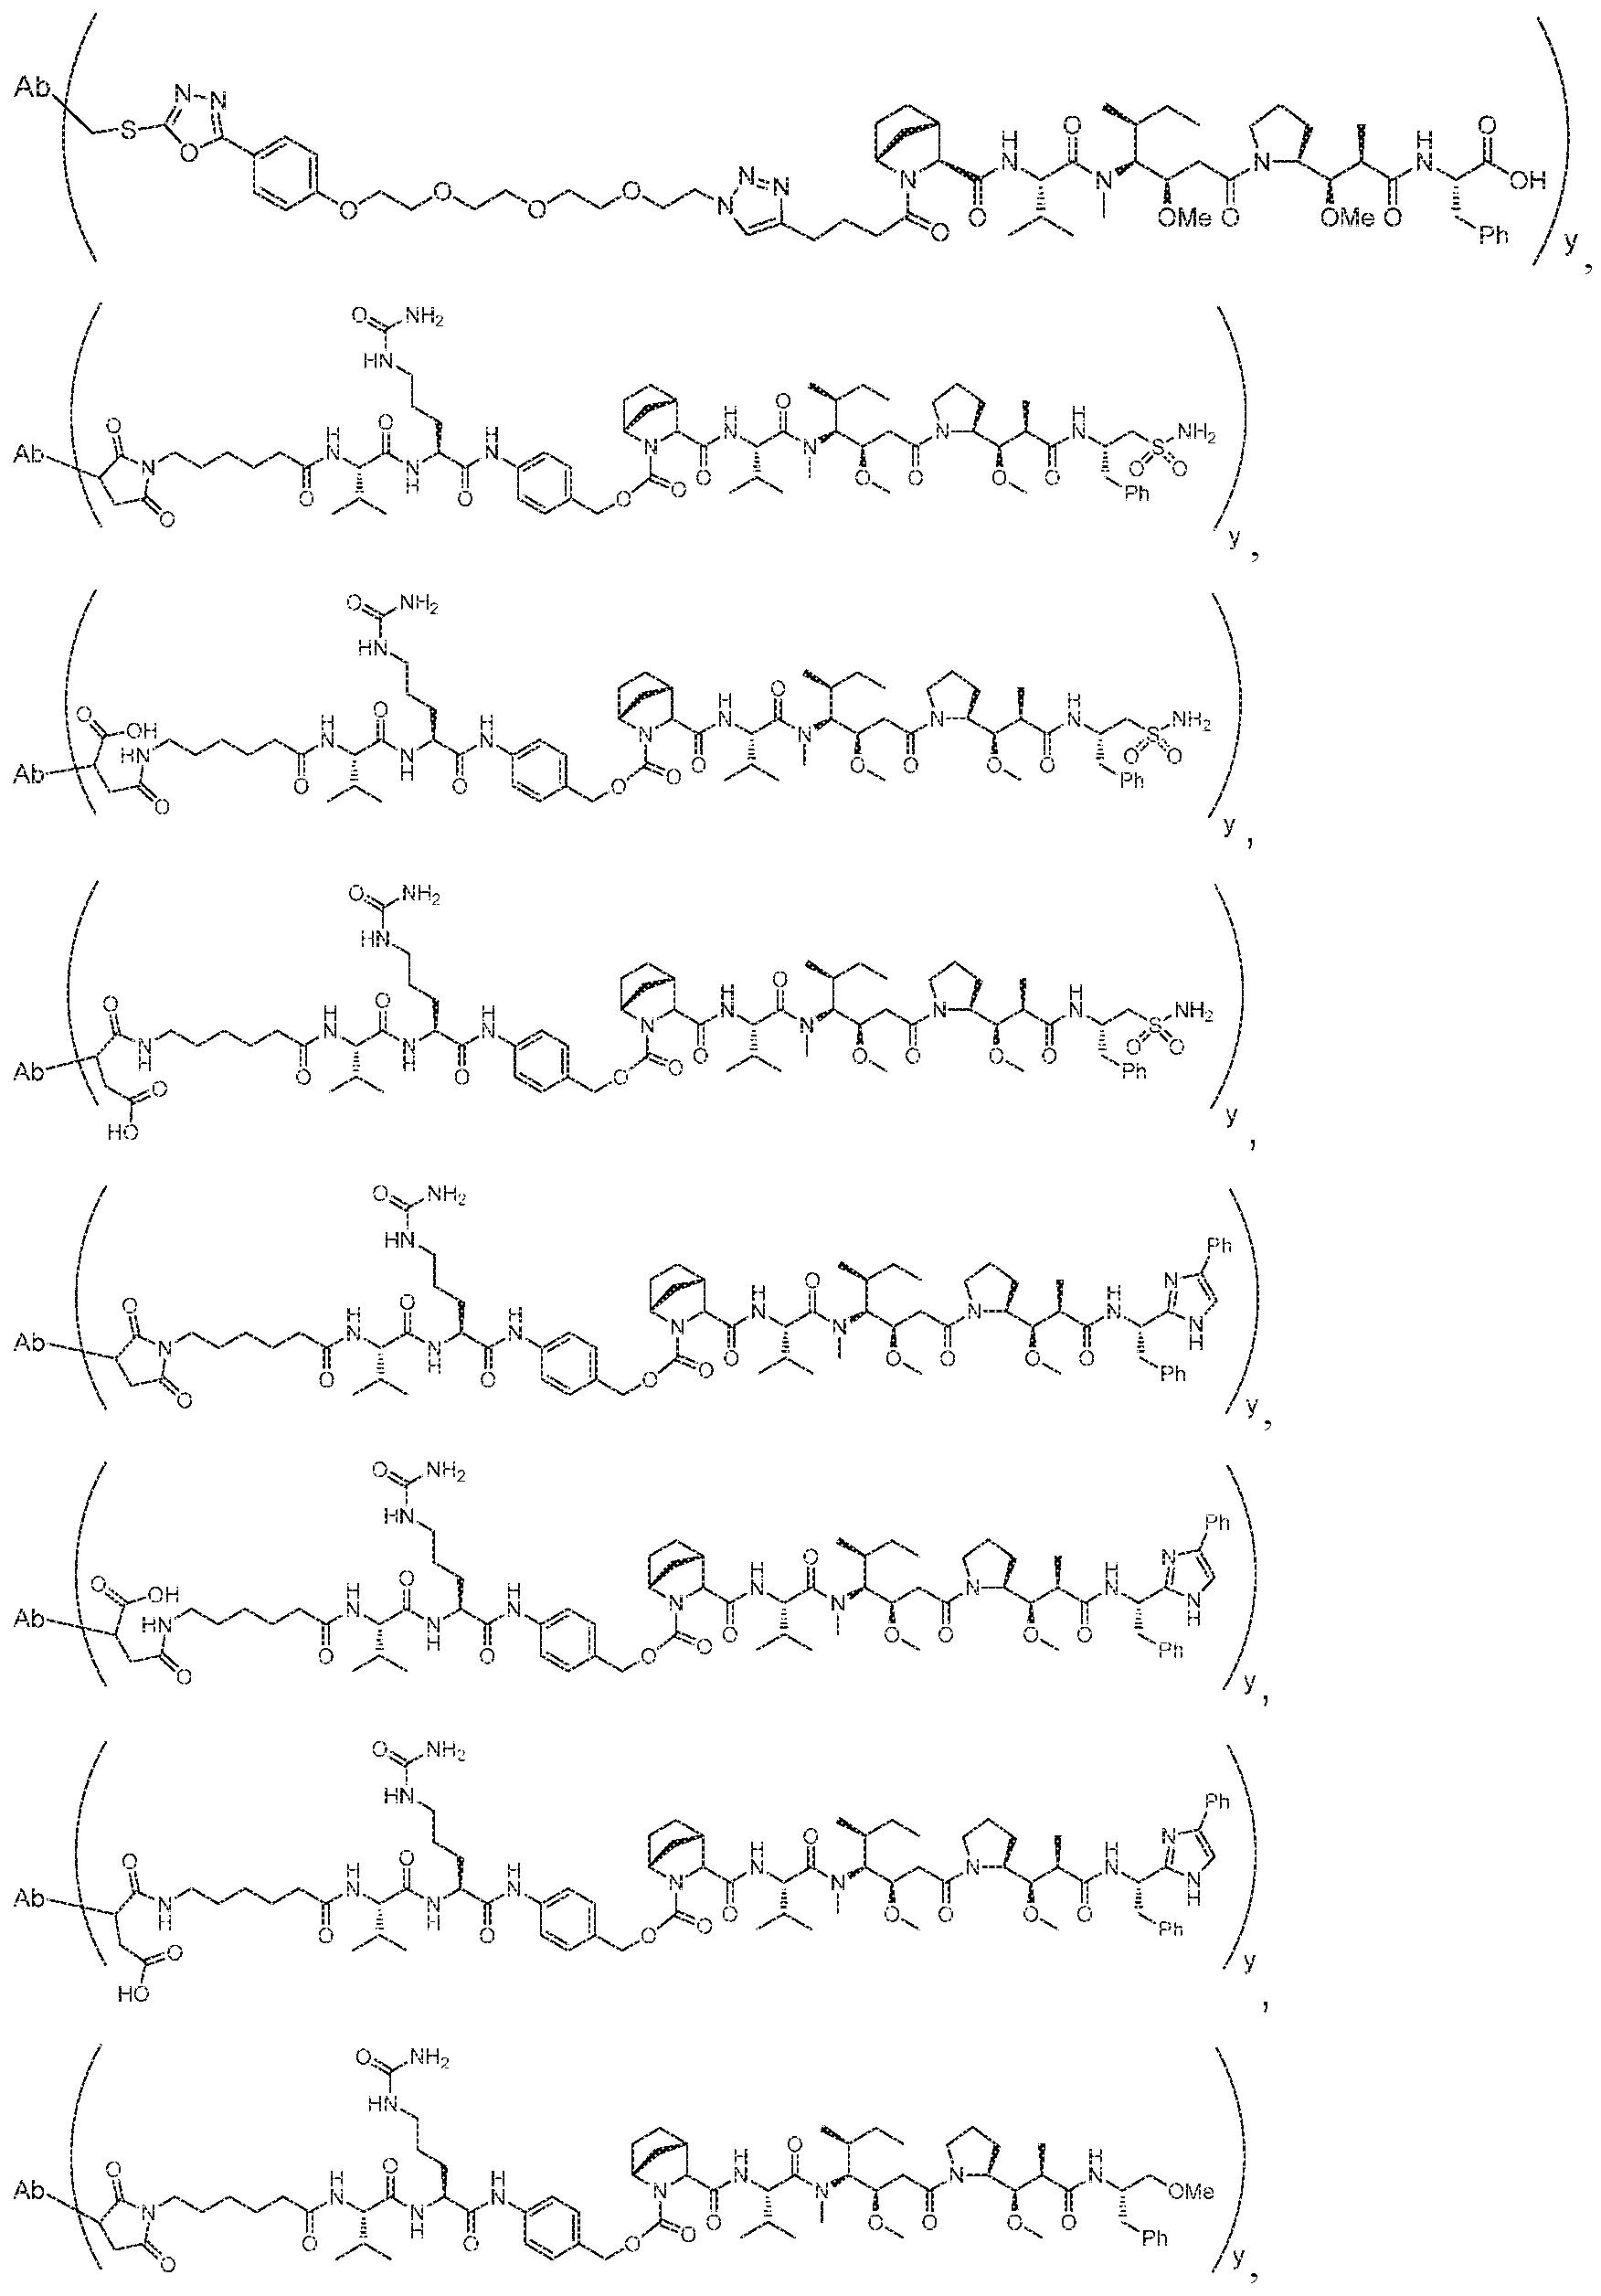 Figure imgf000316_0001